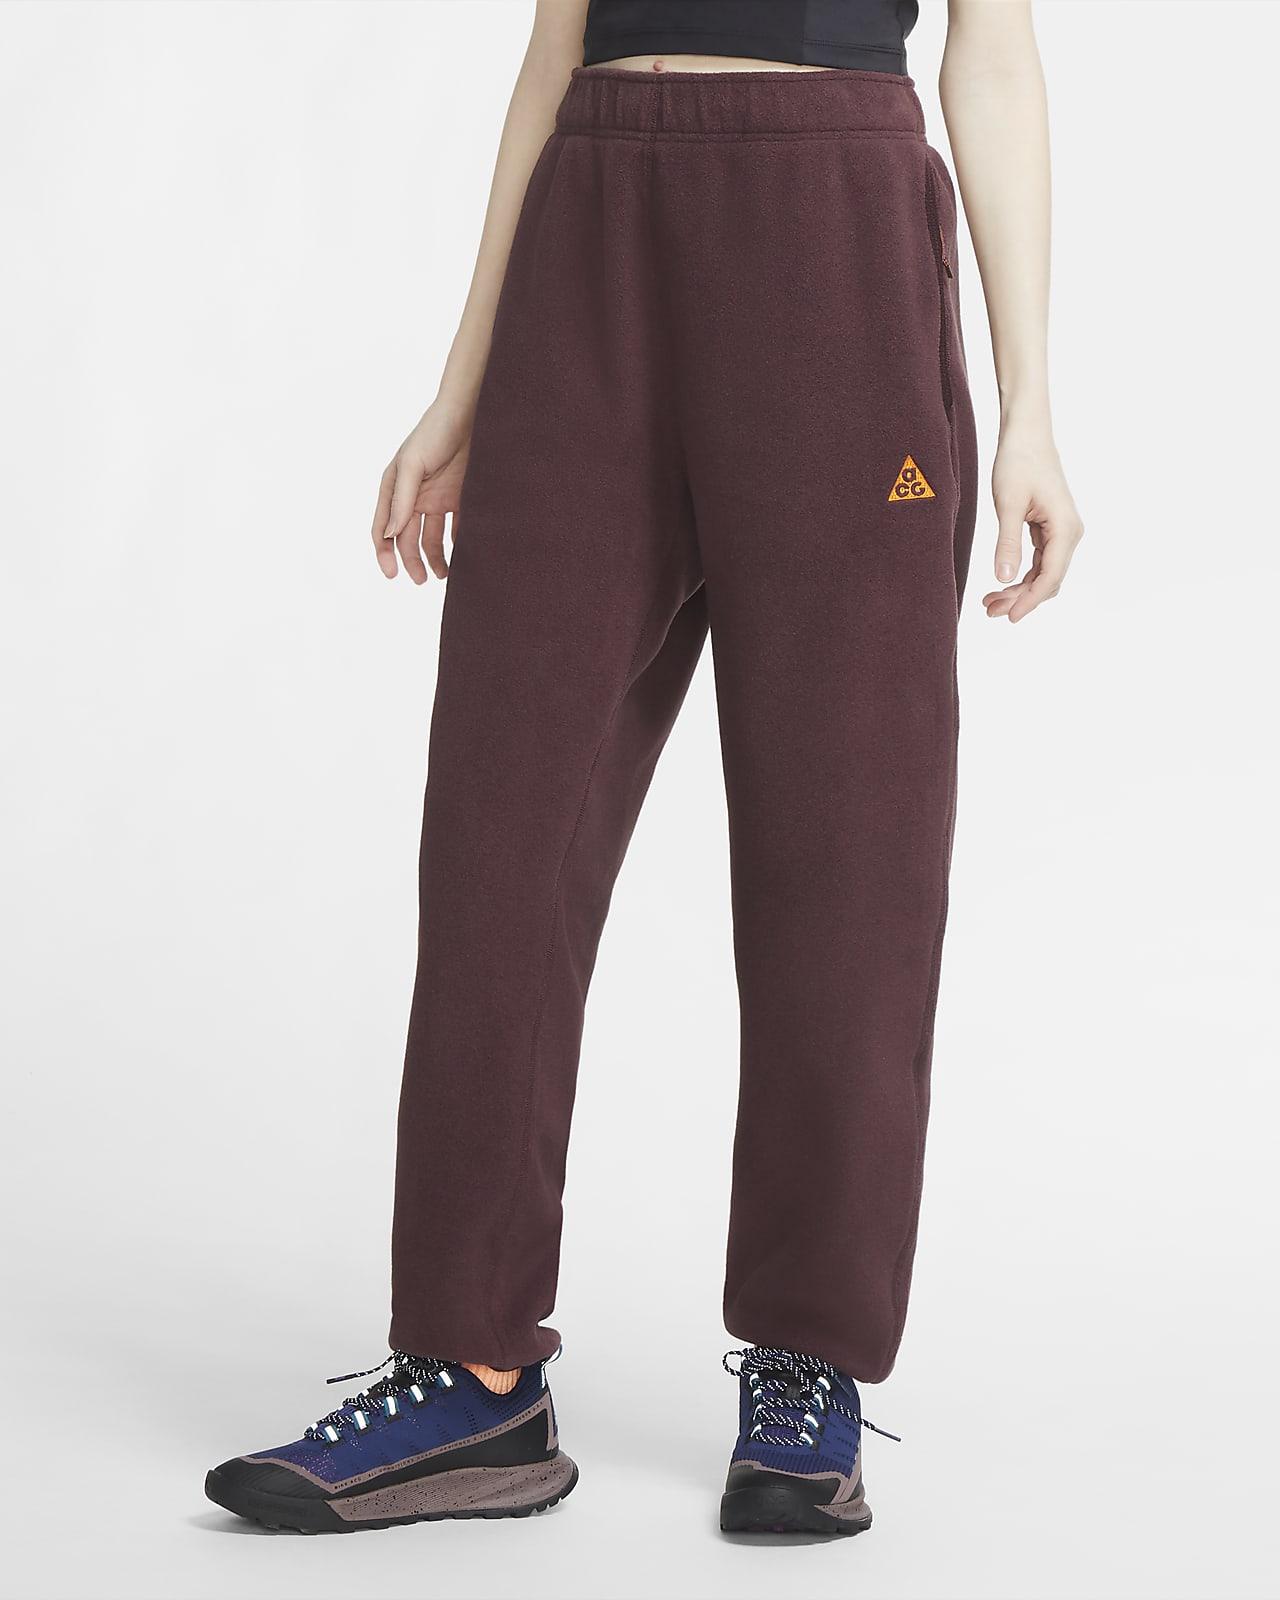 Pantalon Nike ACG Polartec® « Wolf Tree » pour Femme